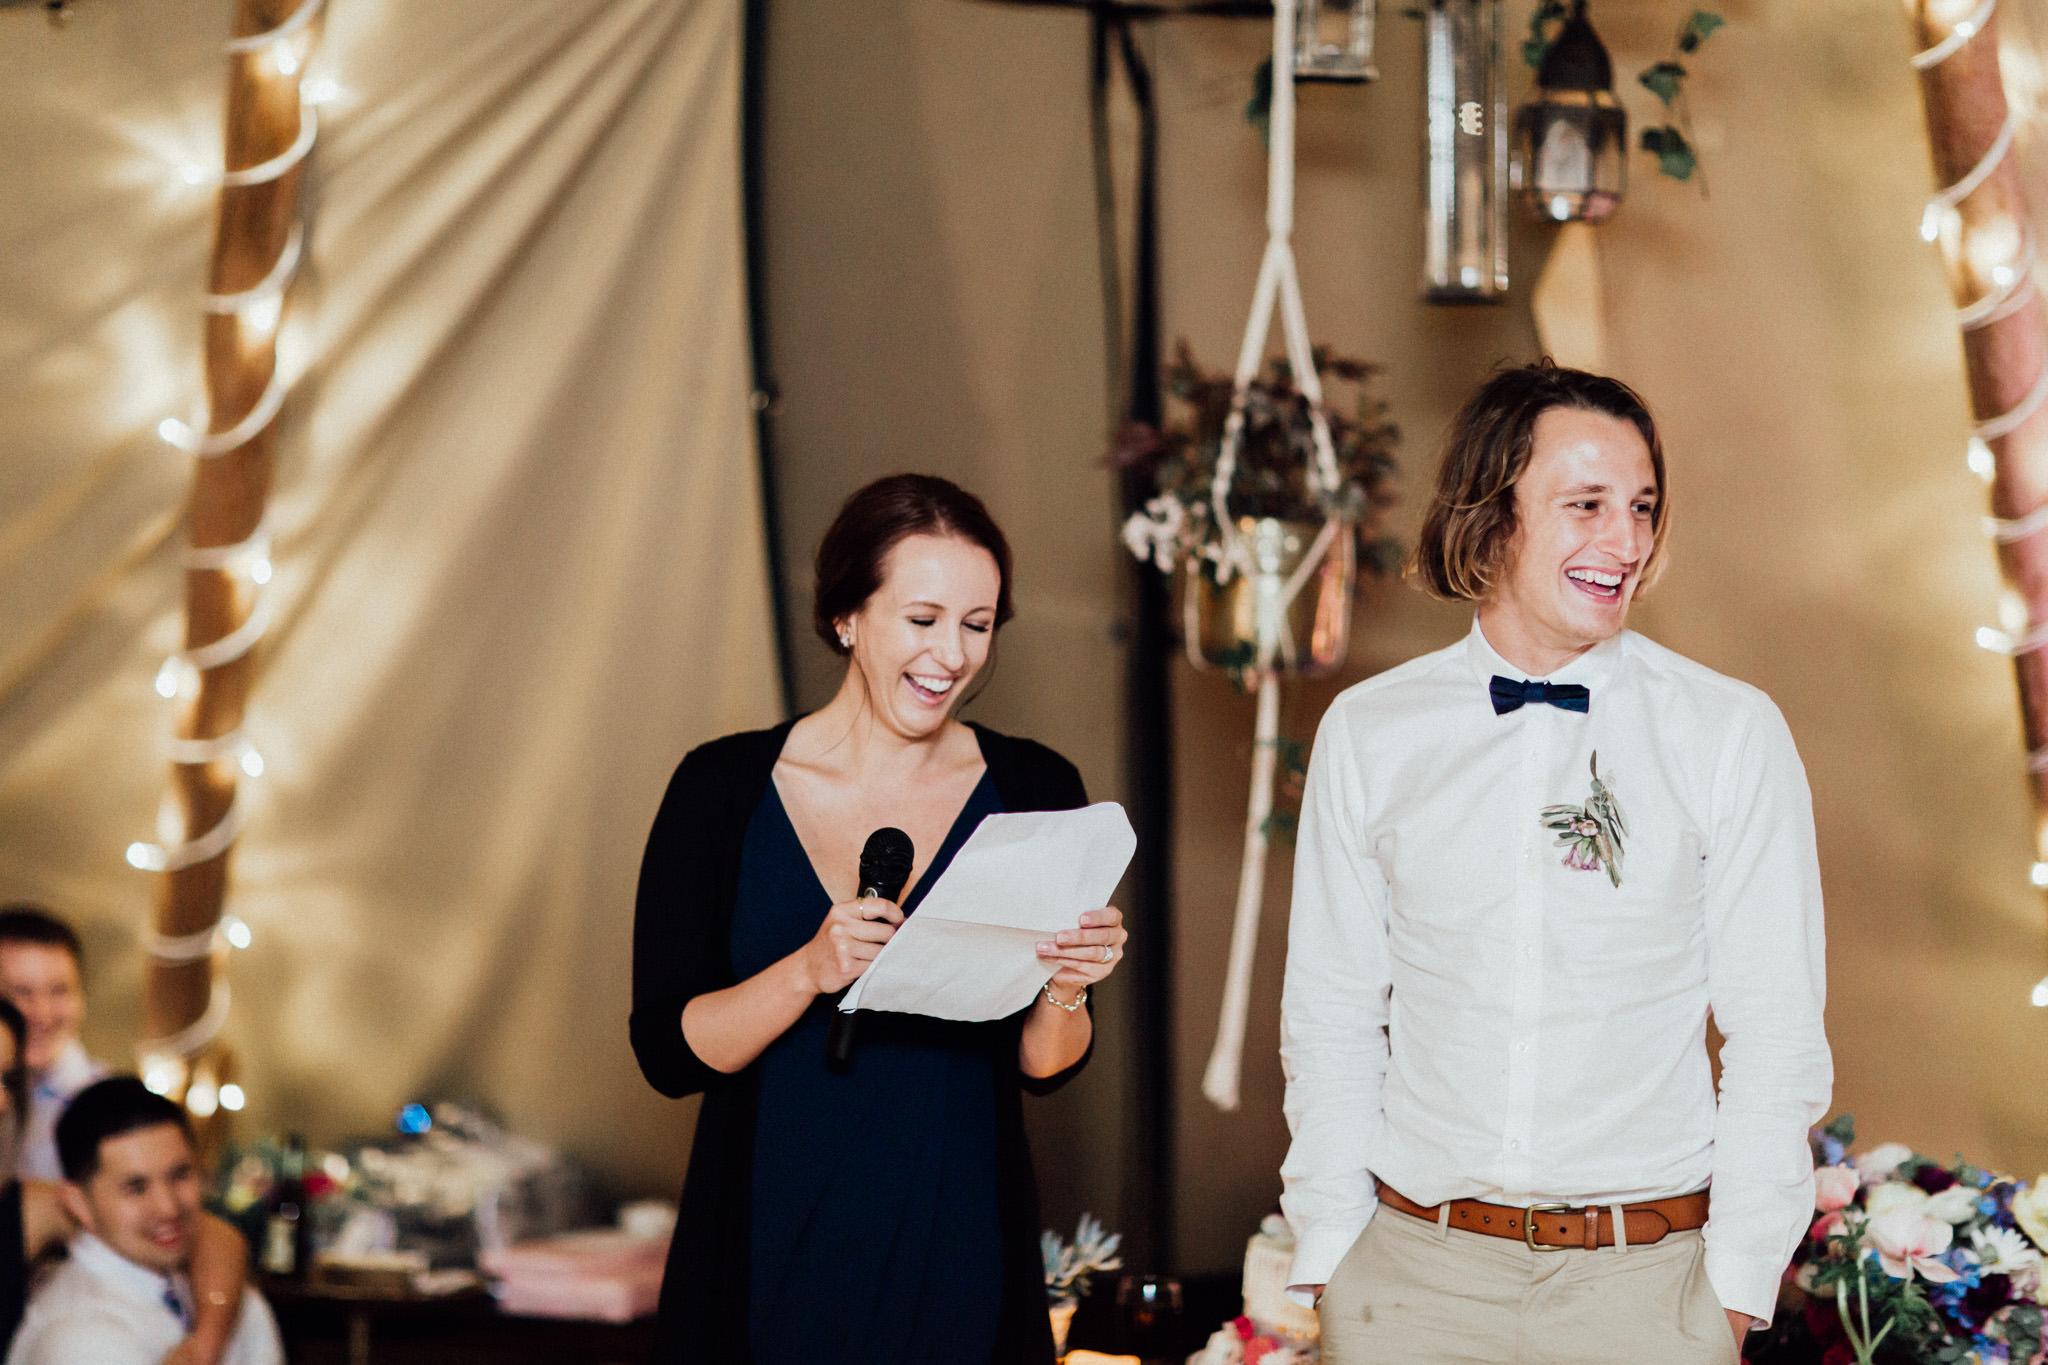 WeddingPhotos_Facebook_2048pixels-1834.jpg